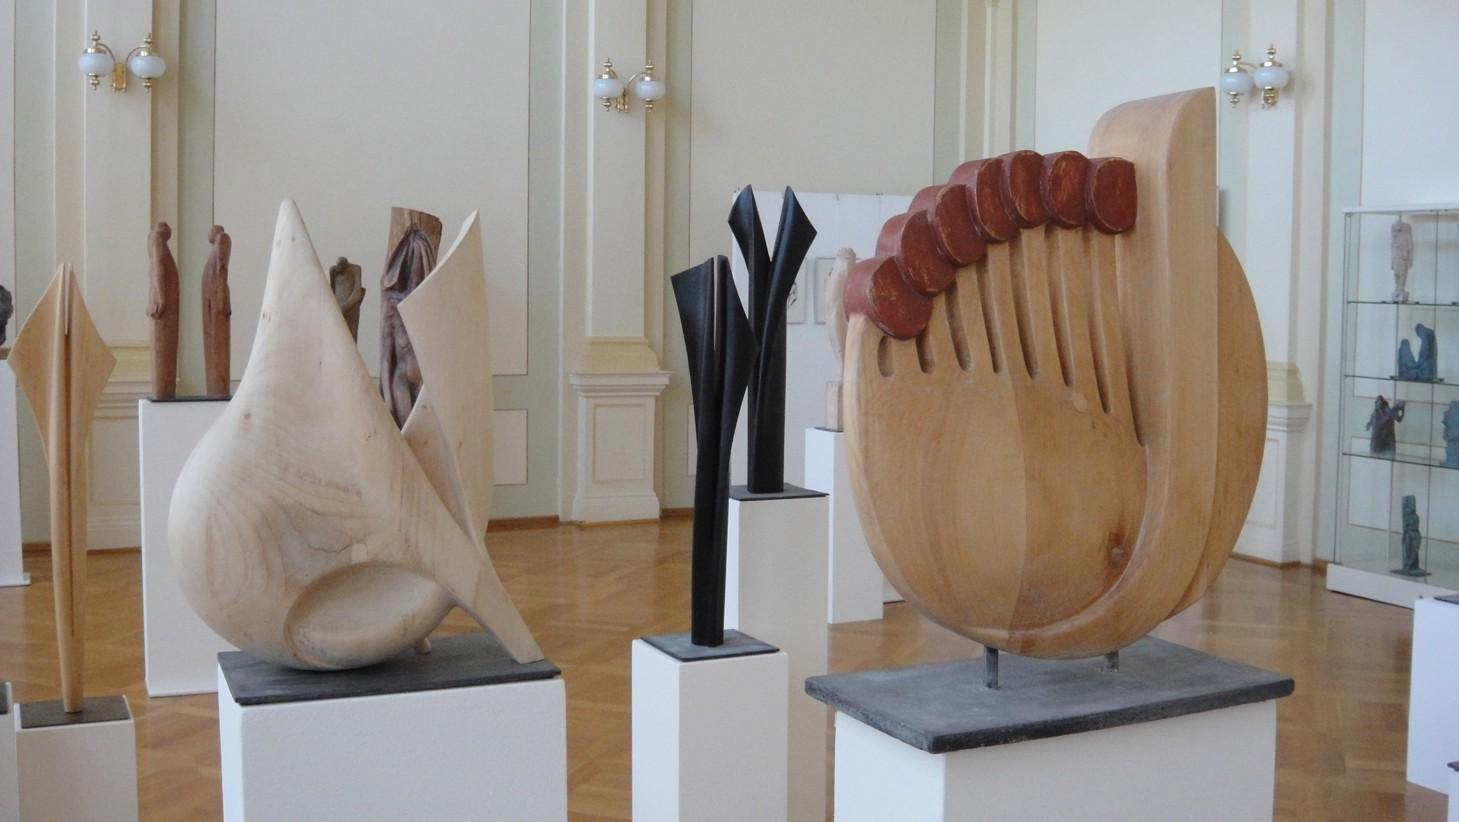 Gewerbemuseum - Festsaal während einer Ausstellung